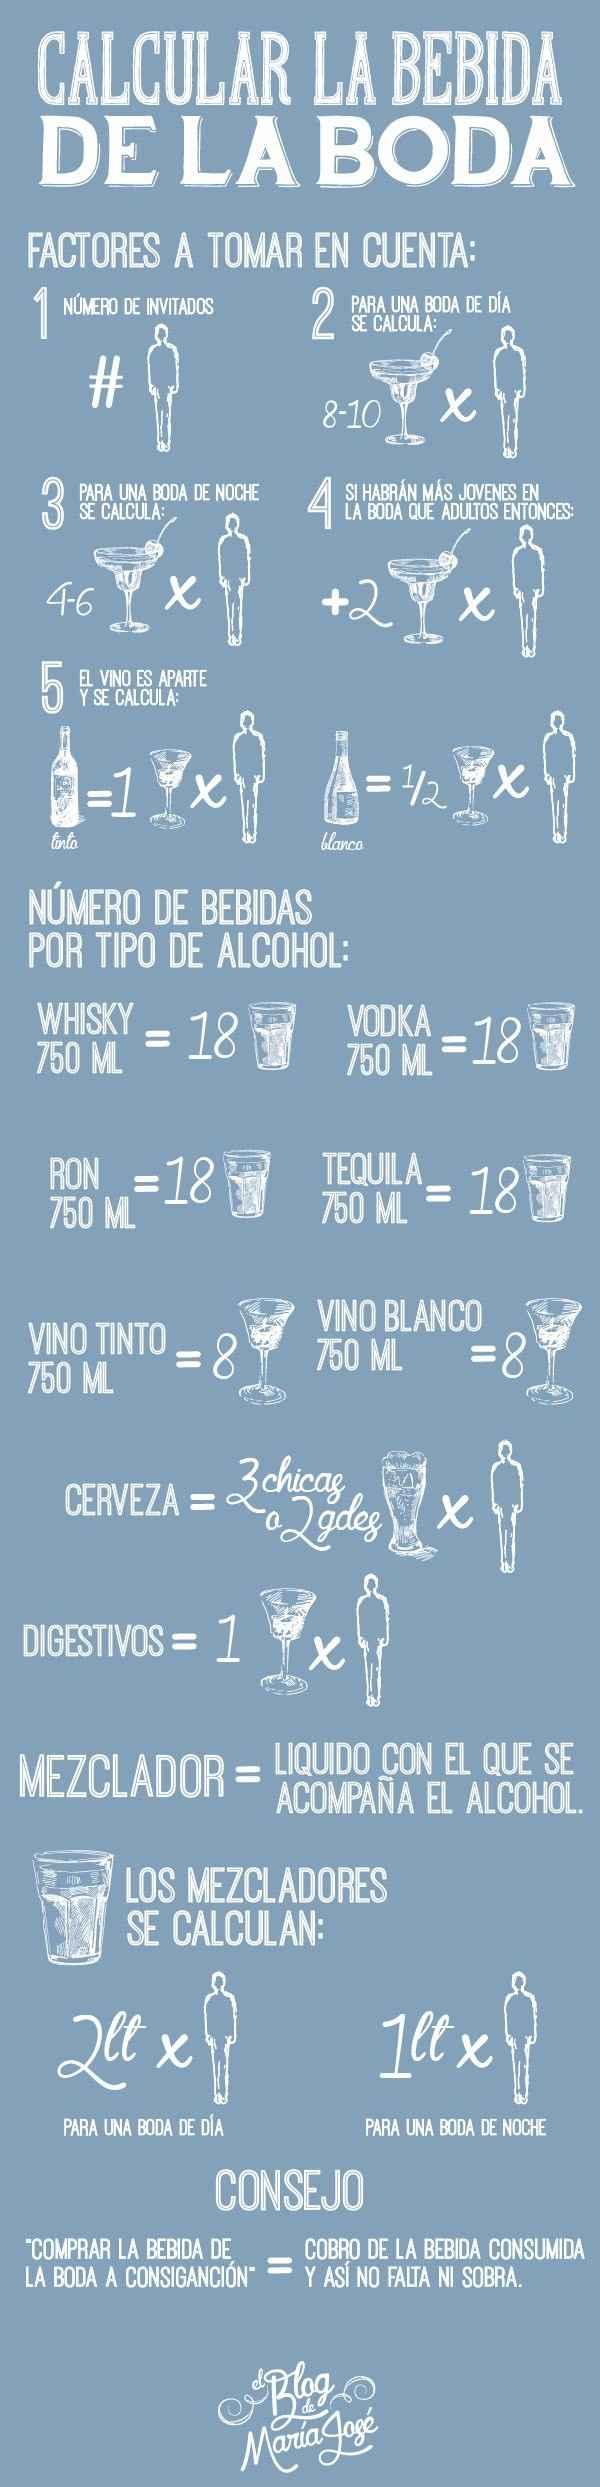 Calculadora bebida